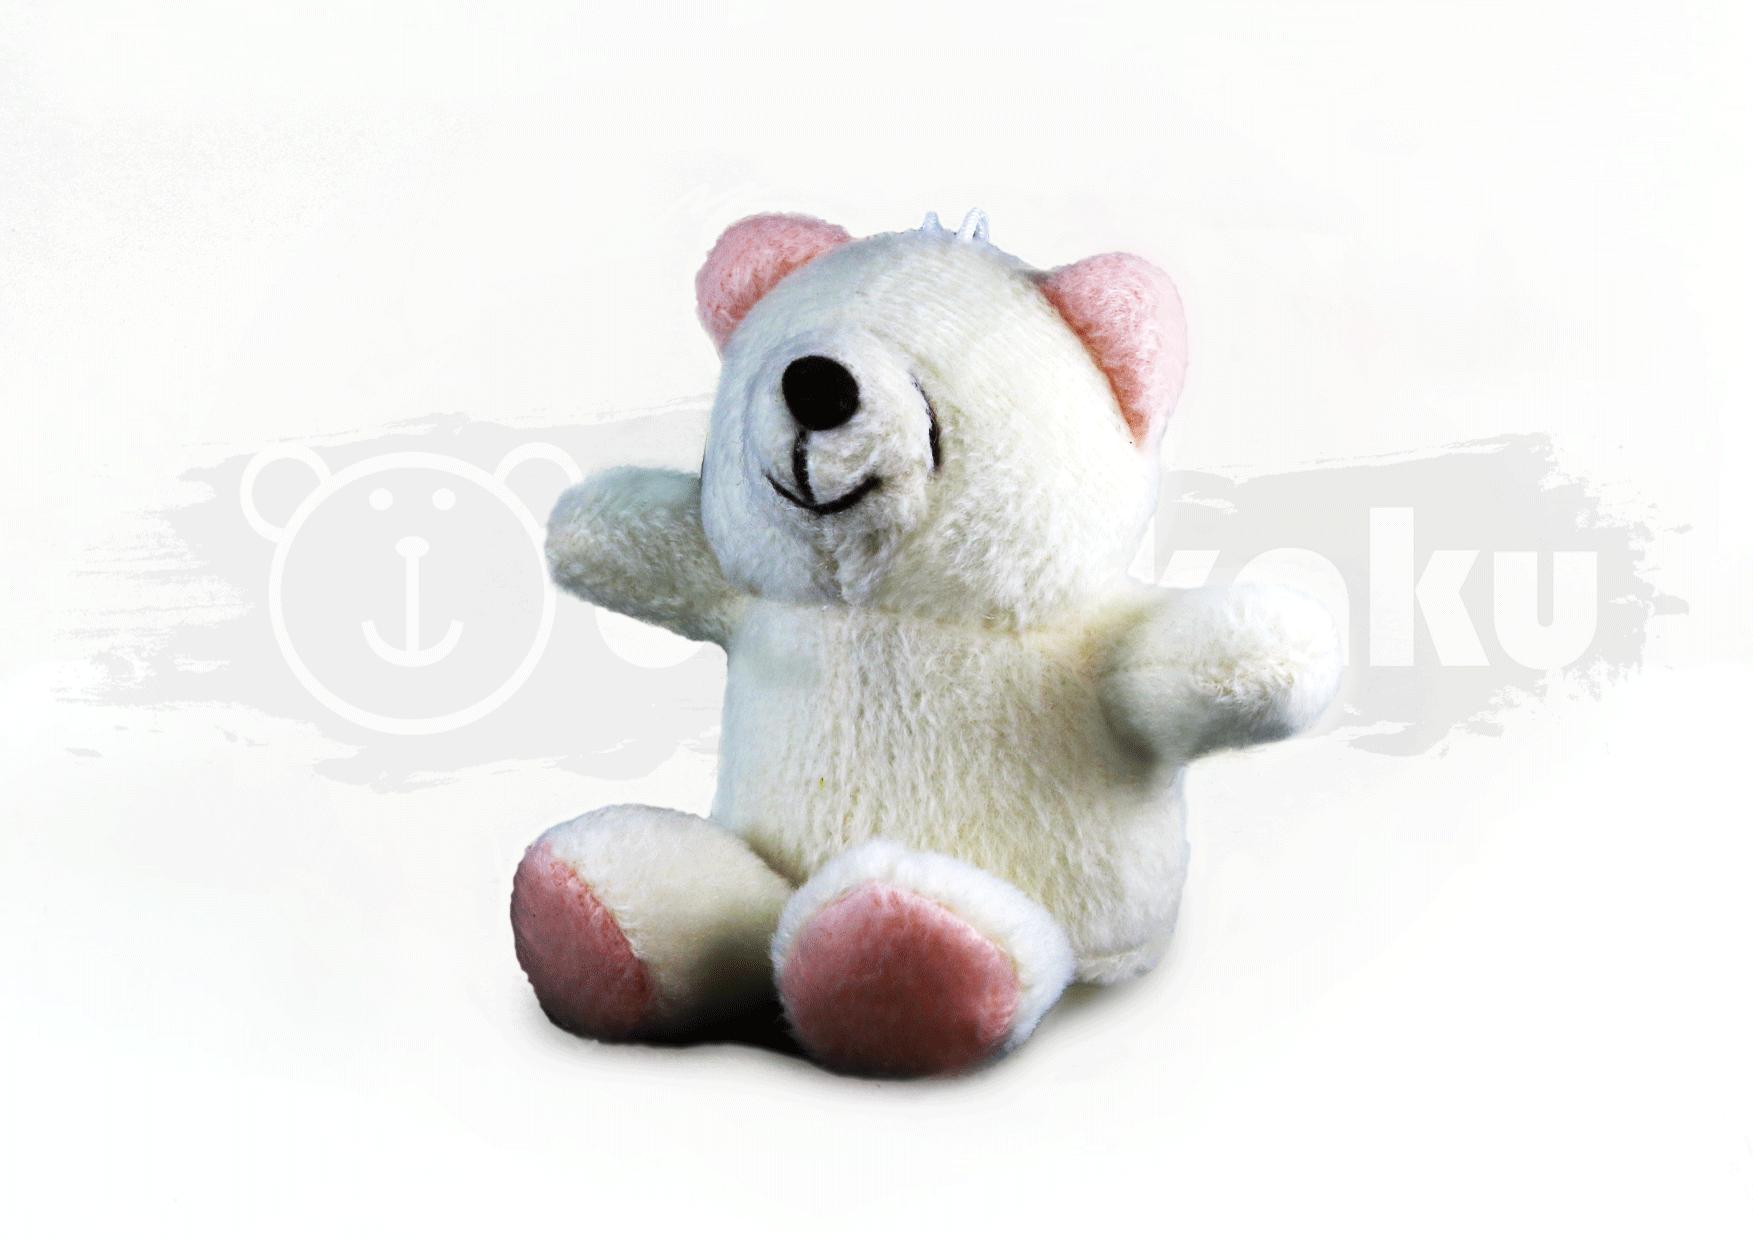 FF Bear (Forever Friends ) Bear Image